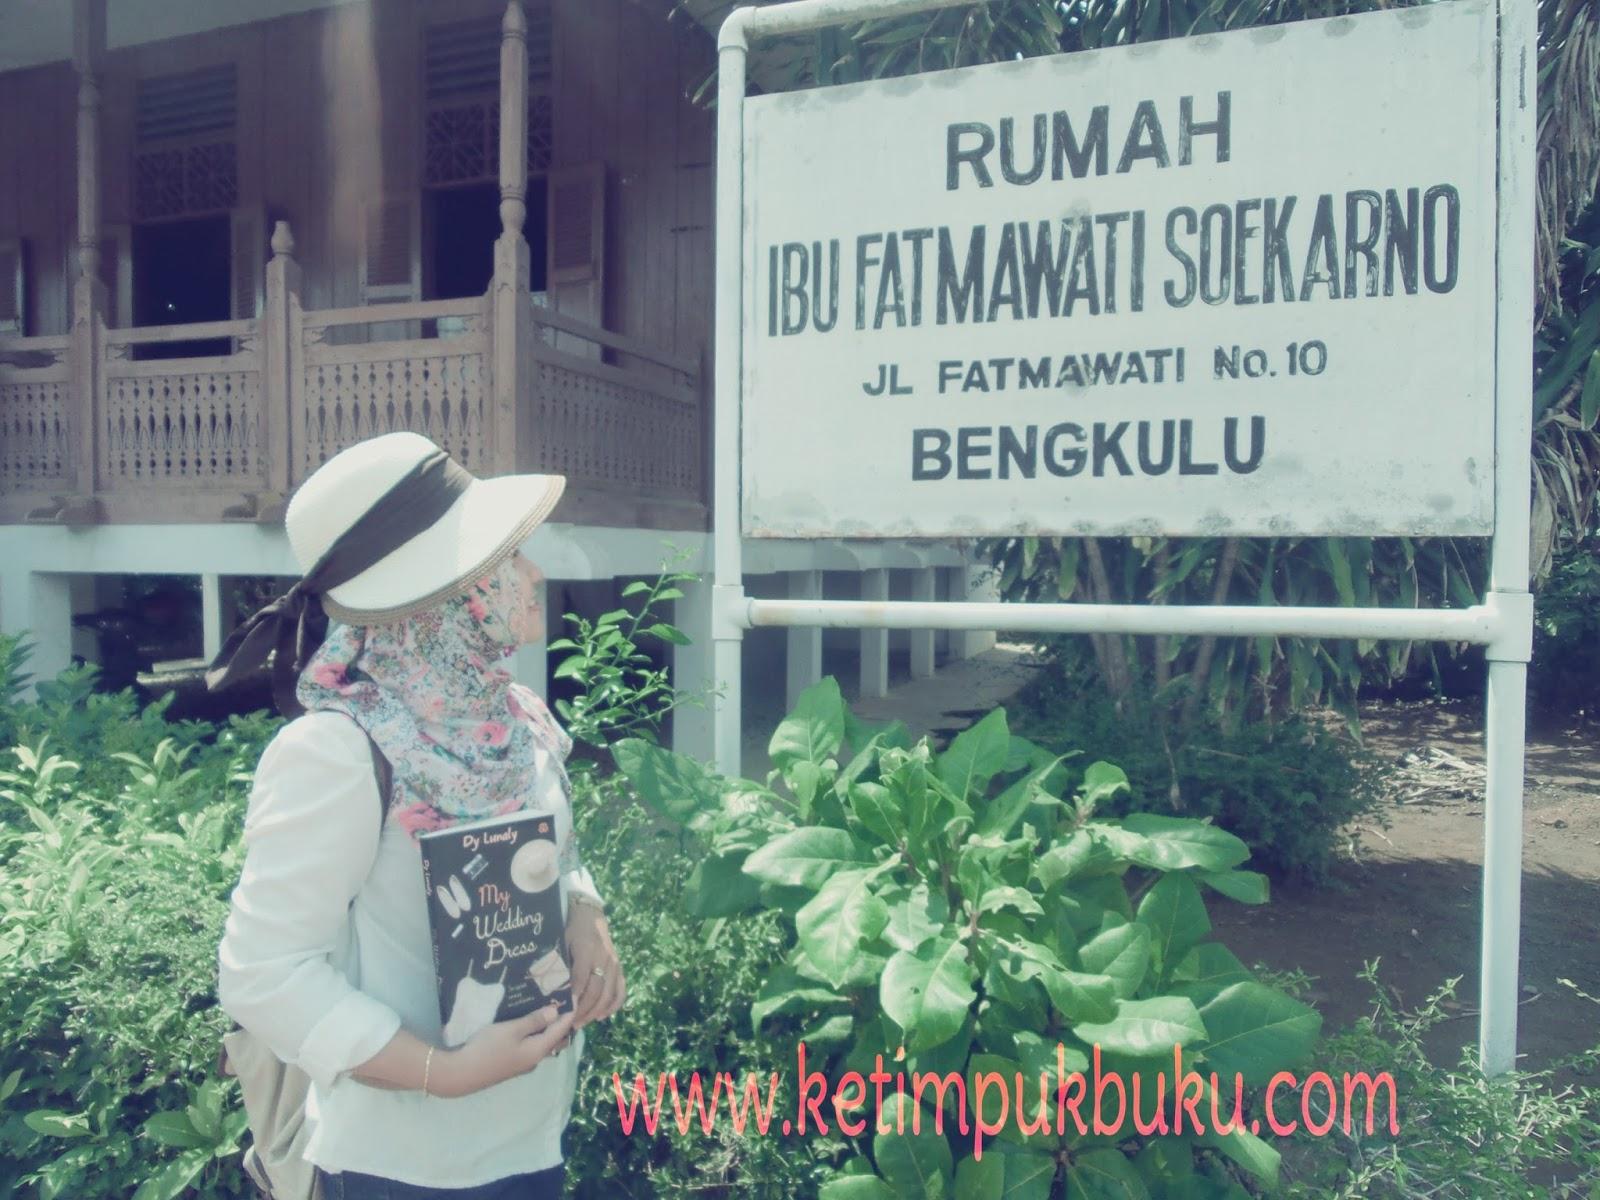 Jalan Rumah Ibu Fatmawati Soekarno Bengkulu Intan Terletak Pusat Kota